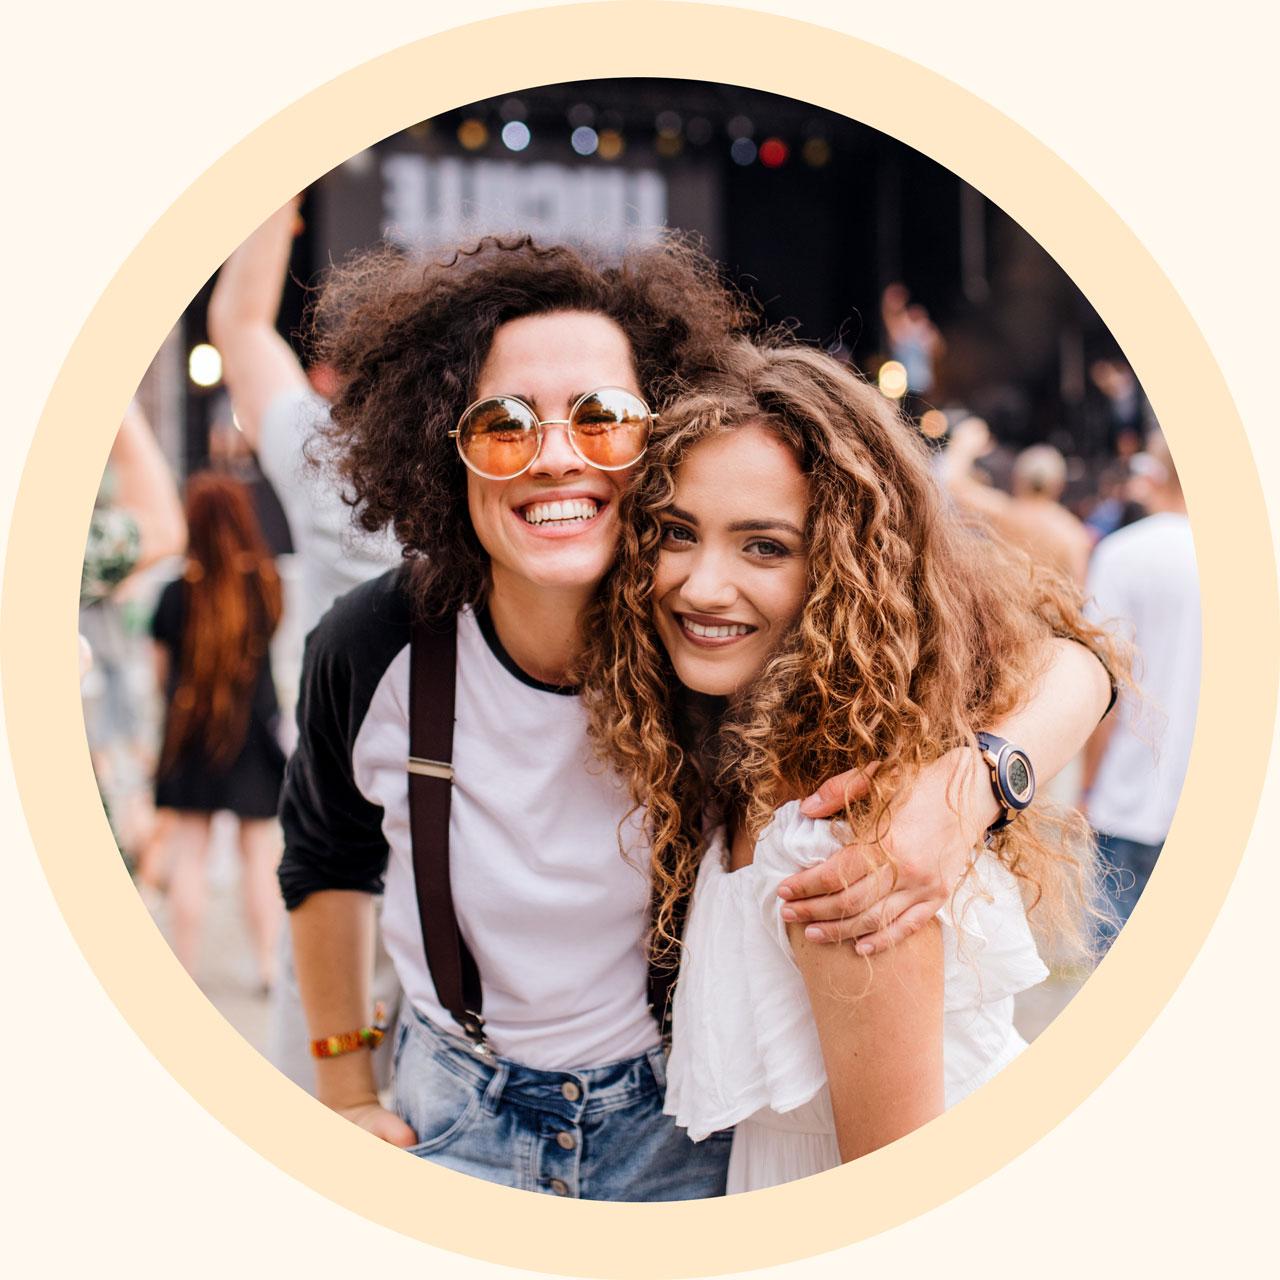 Mobile_Marketing-Slider_Picture_1280_Podujatia